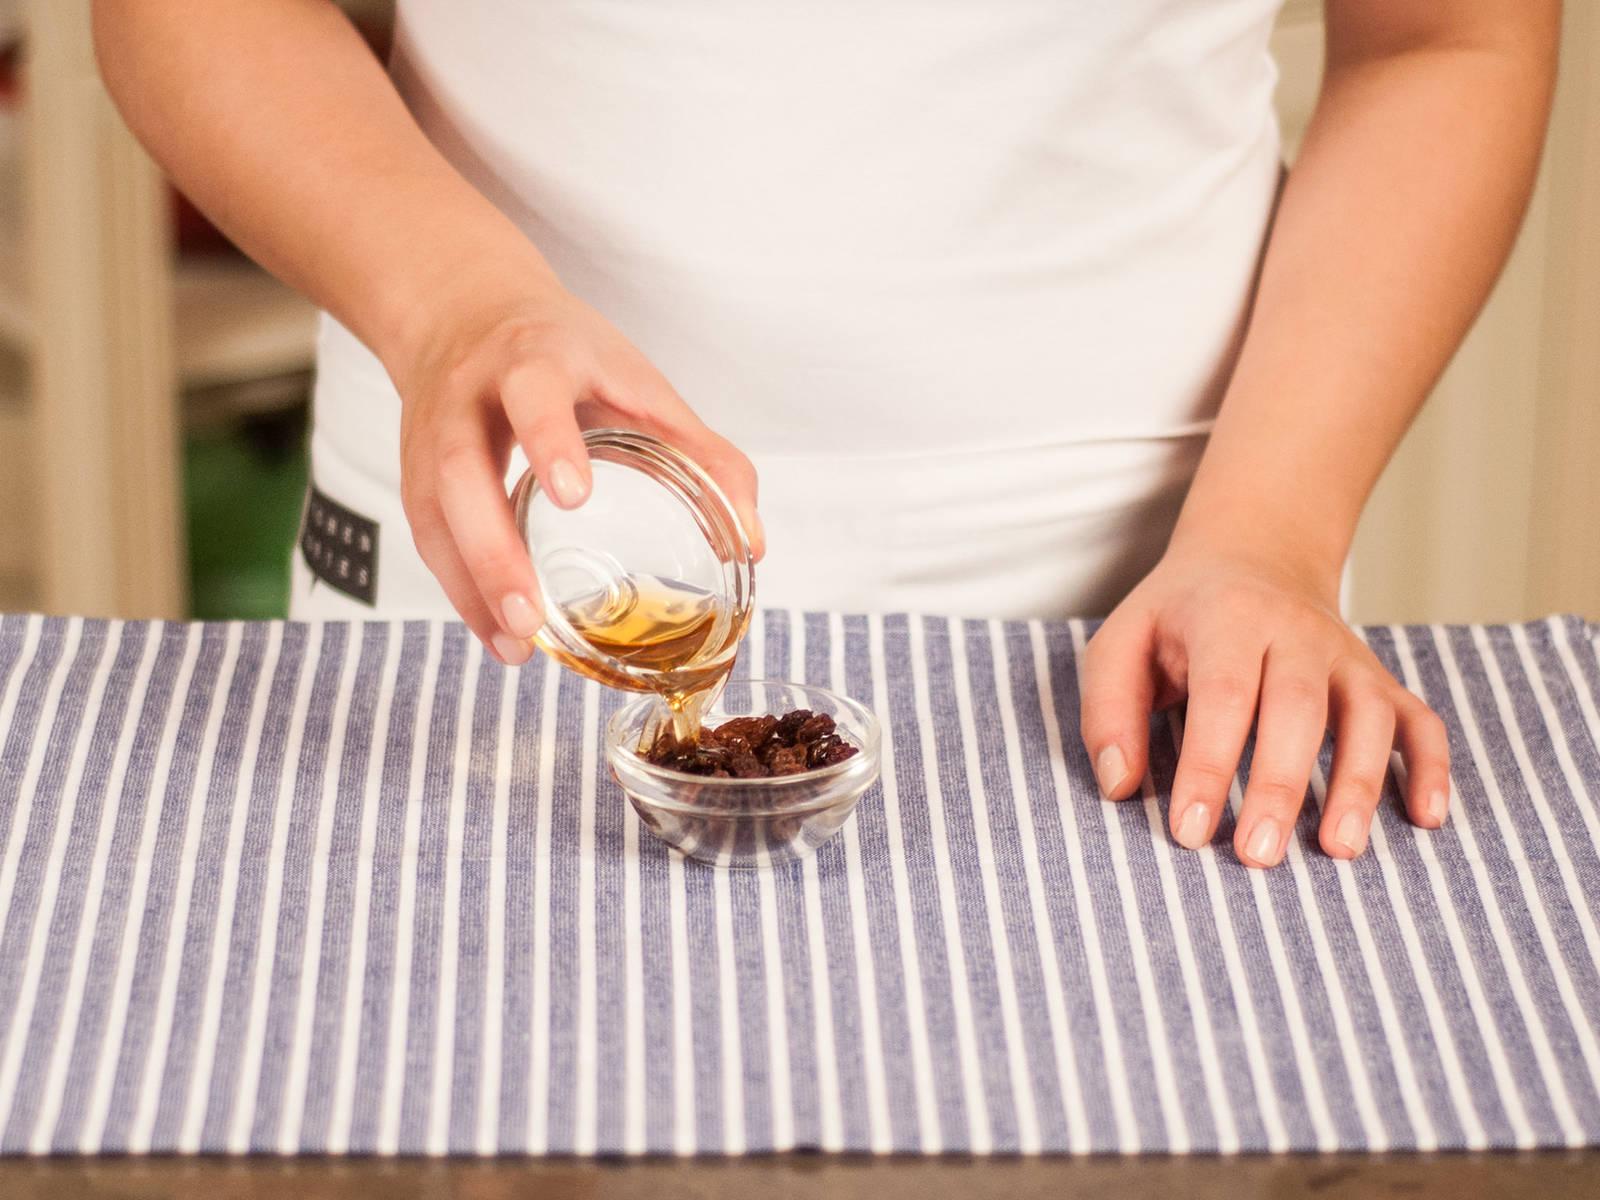 Rosinen zusammen mit dem Rum in eine kleine Schüssel geben und ca. 10 – 15 Min. einweichen lassen.